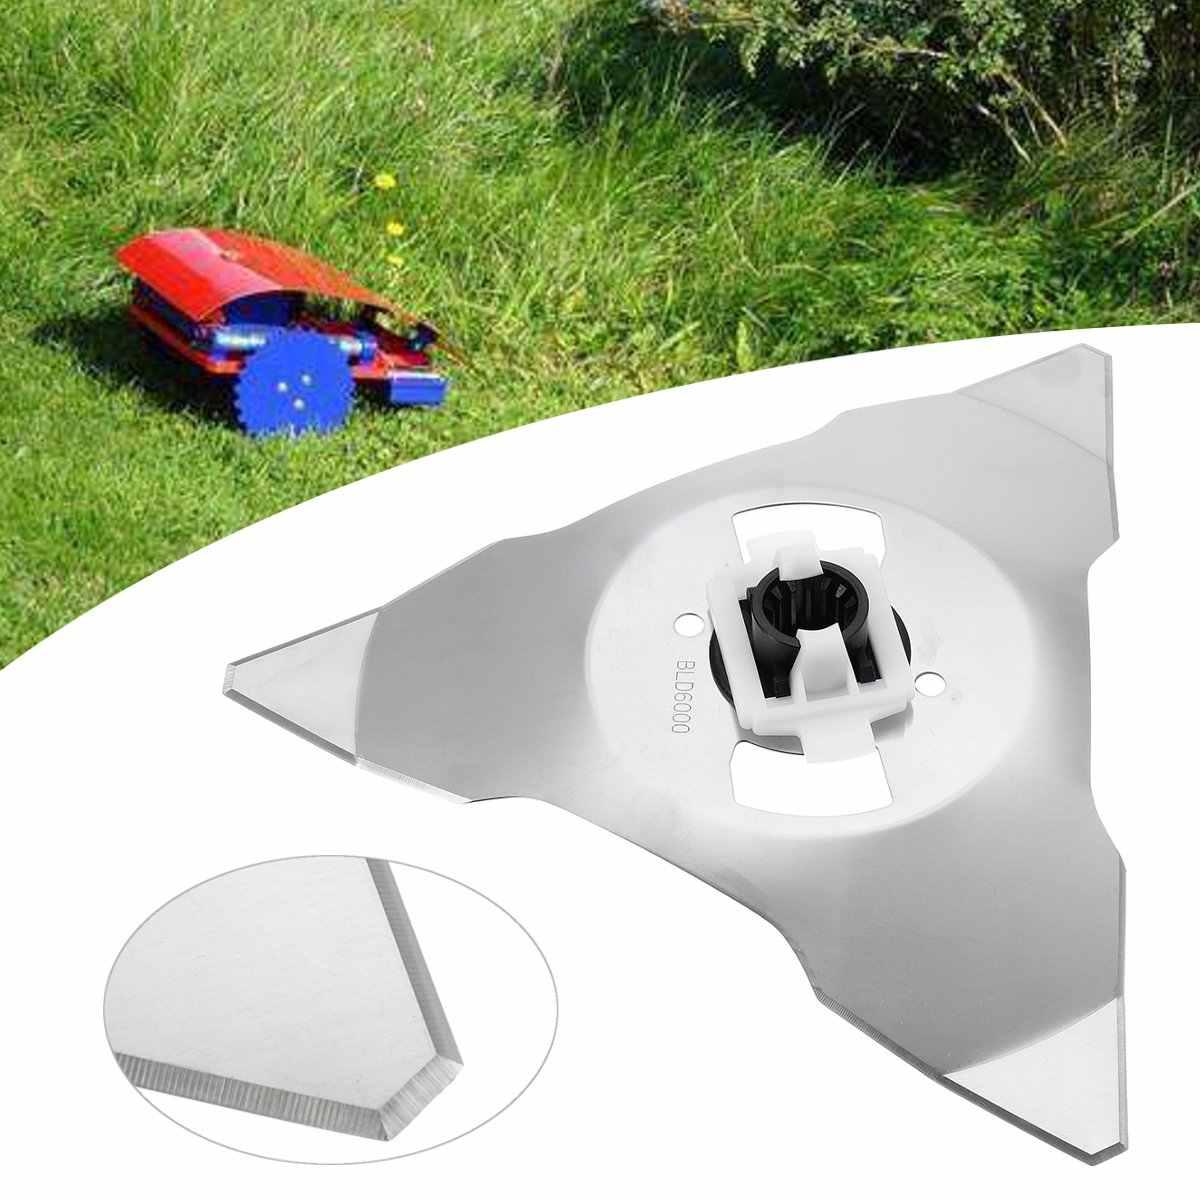 Сменные лезвия садовая газонокосилка части резак лезвие триммер садовый электротриммер аксессуары для RS RC модели косилки Роботы